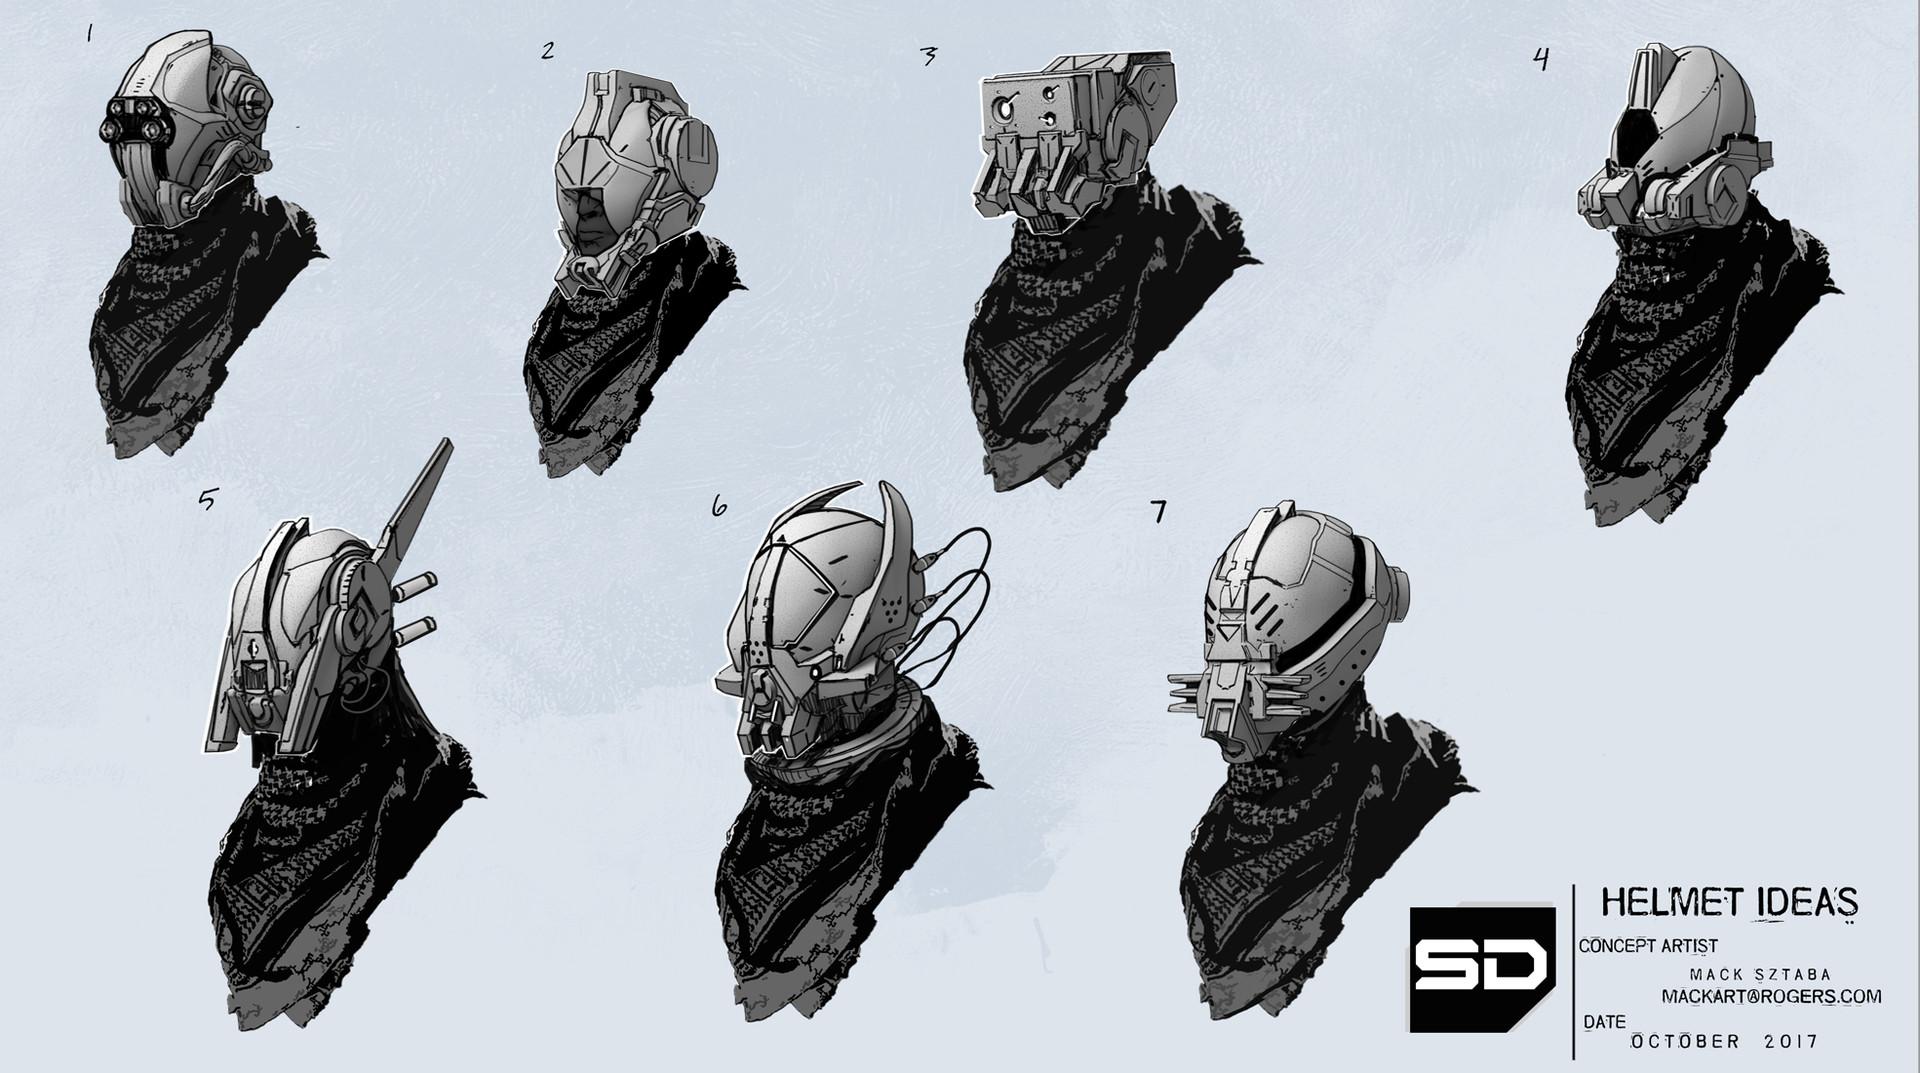 Mack sztaba helmet ideas 1